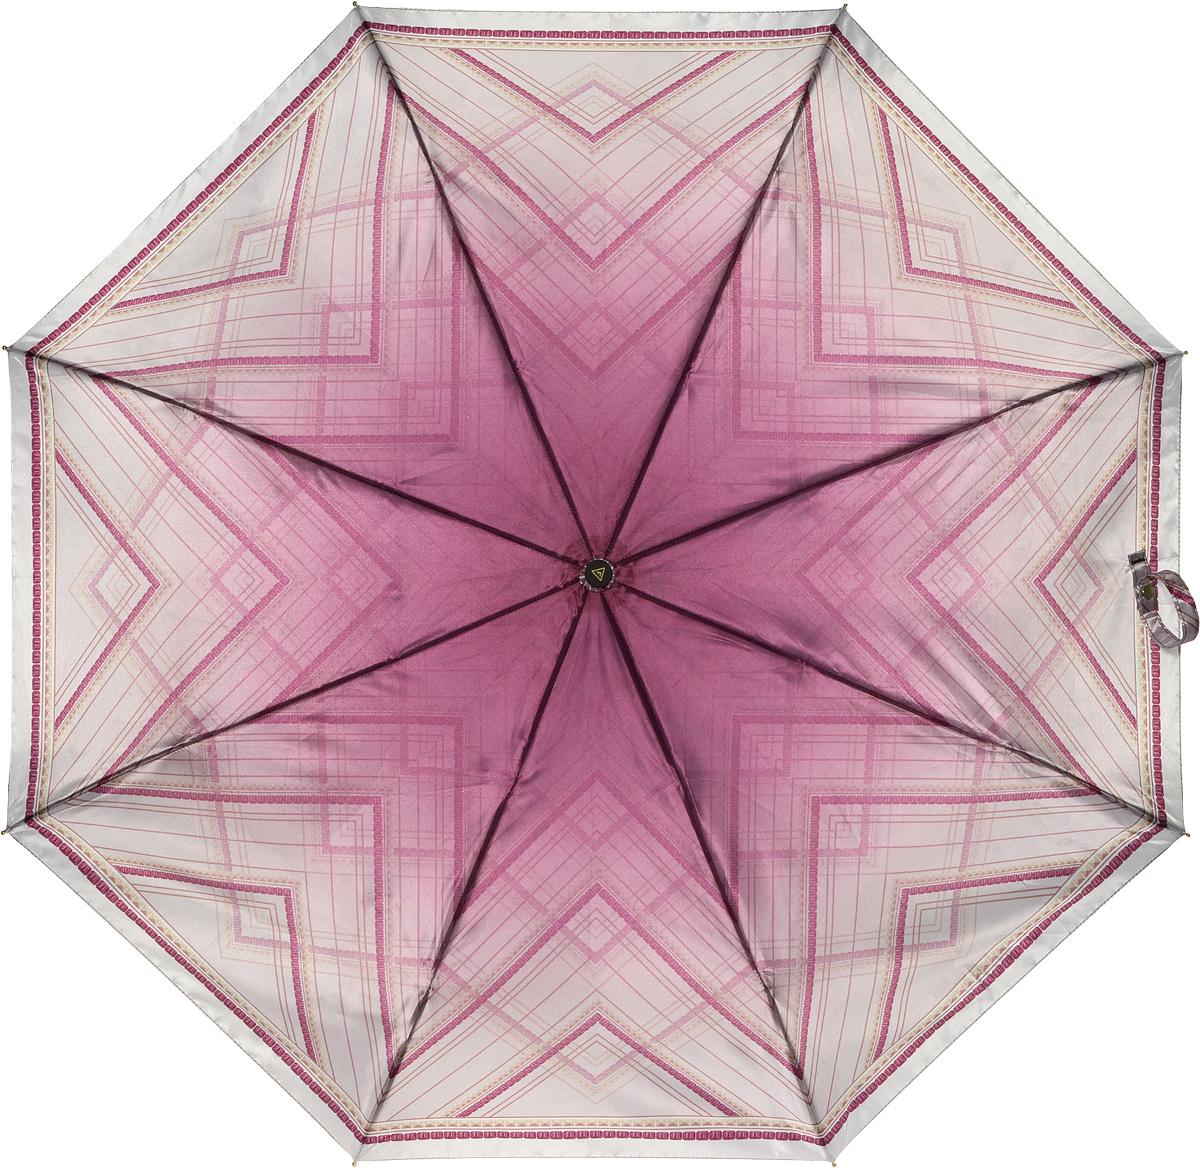 Зонт женский Fabretti, автомат, 3 сложения, цвет: бордовый. L-16107-22L-16107-22Зонт женский Fabretti, облегченный суперавтомат, 3 сложения